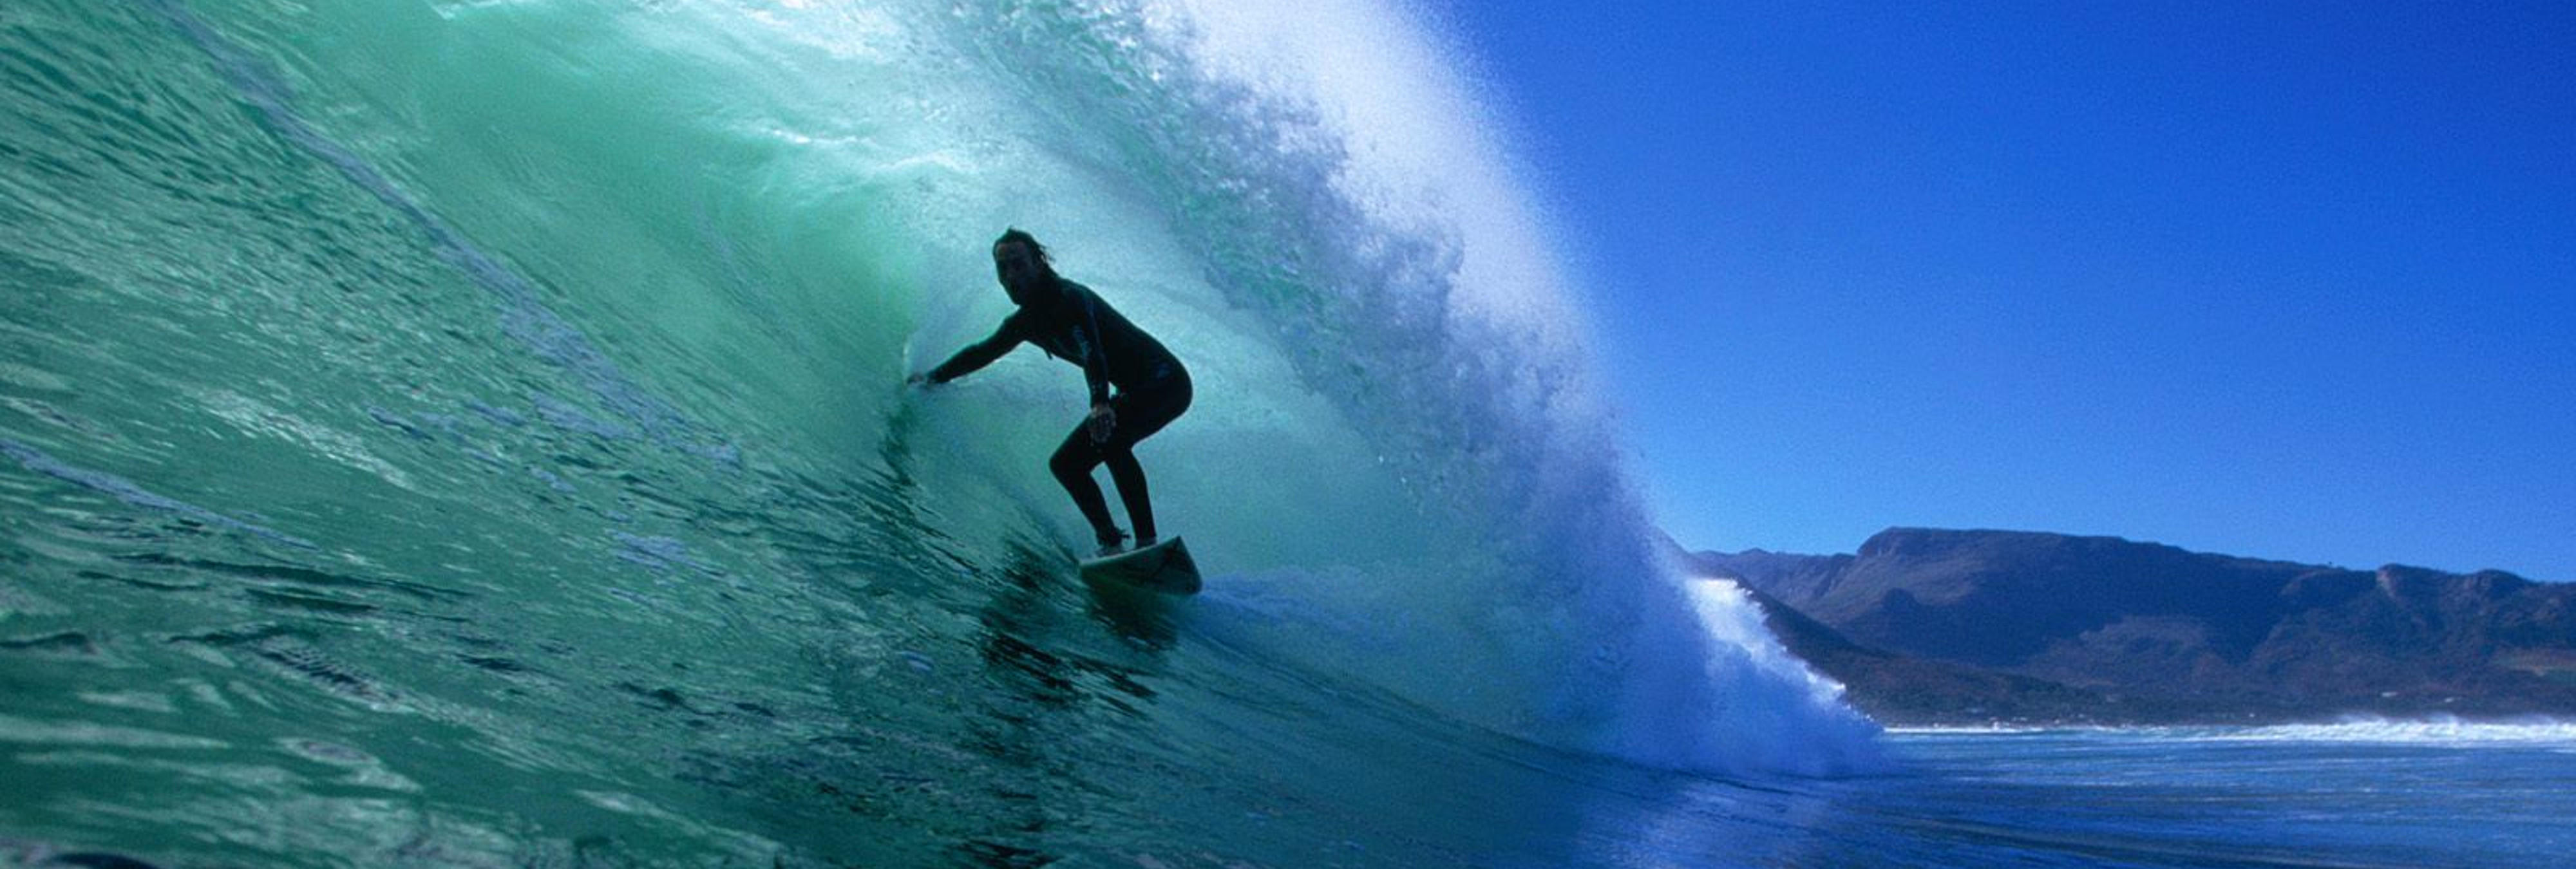 Muere el surfista de 16 años, Zander Venezia, intentando surfear el huracán Irma